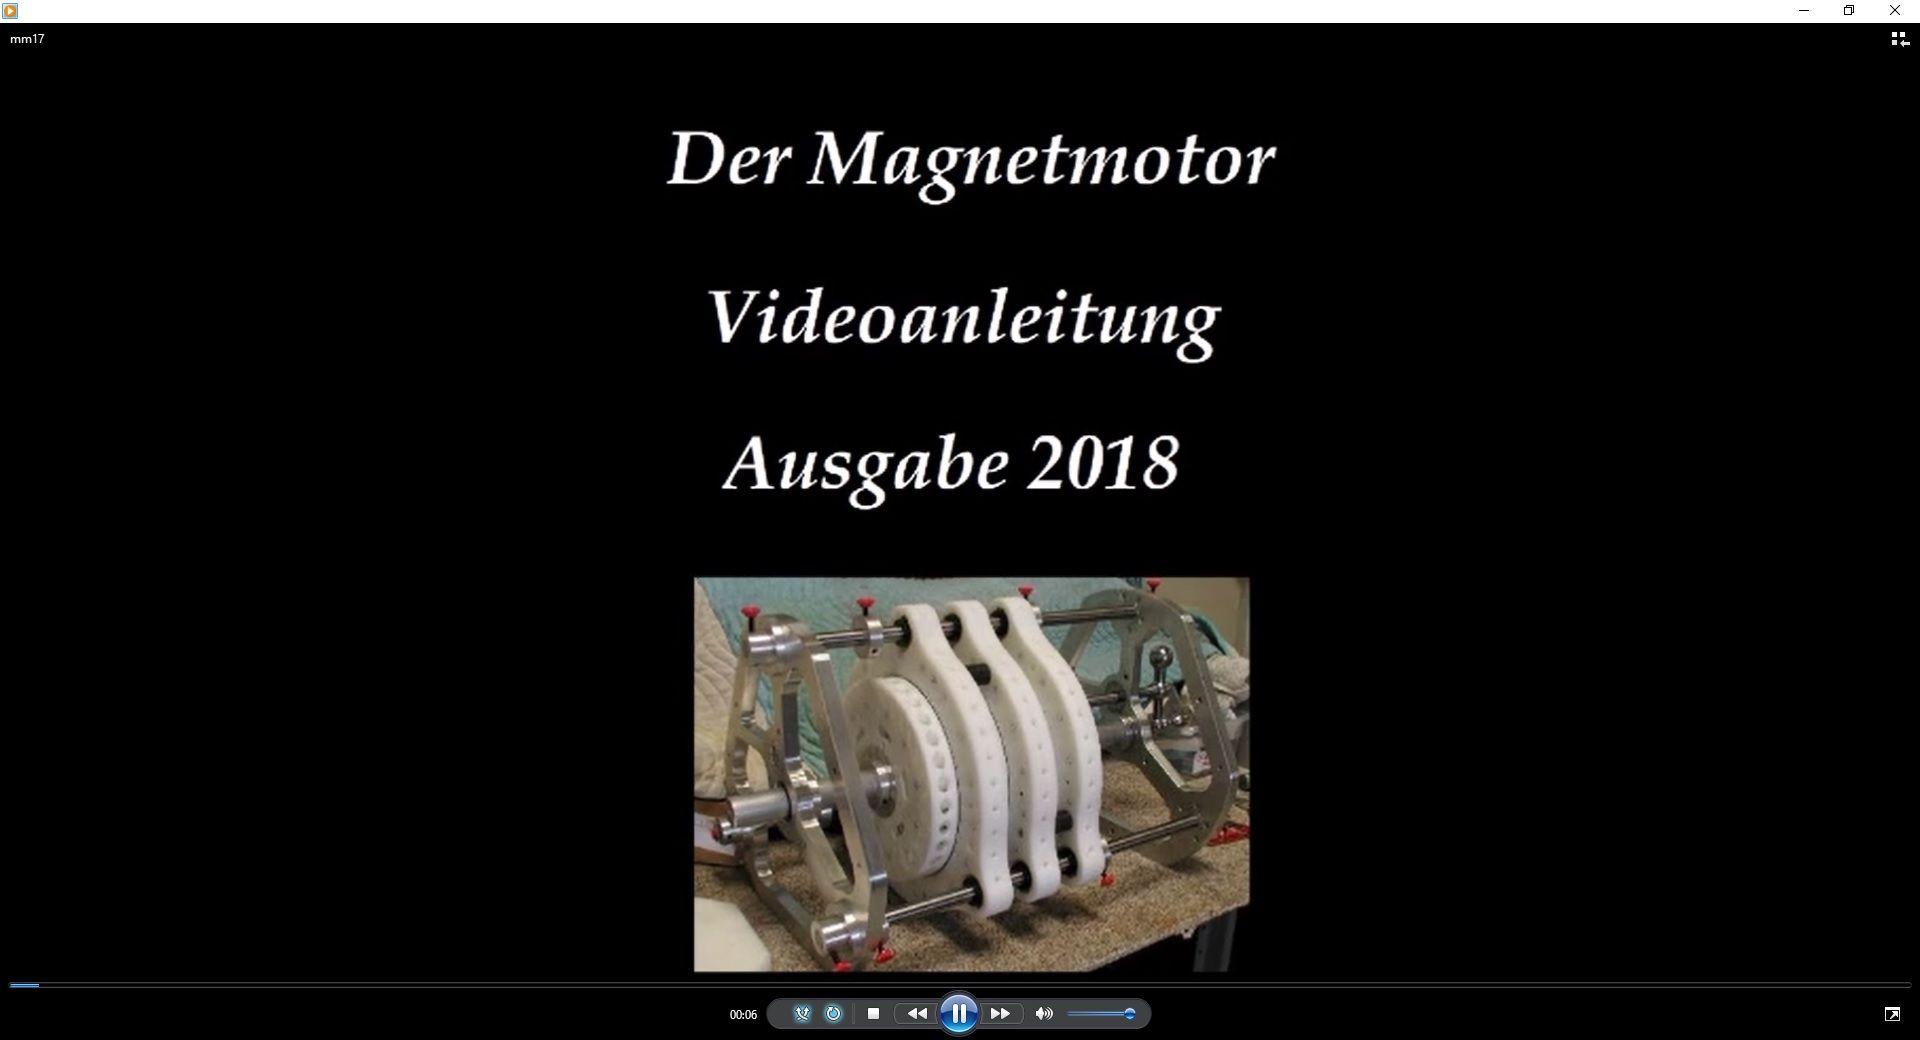 Deutsche Offizielle Seite - Neueste Magnetmotor Bauanleitung in PDF ...